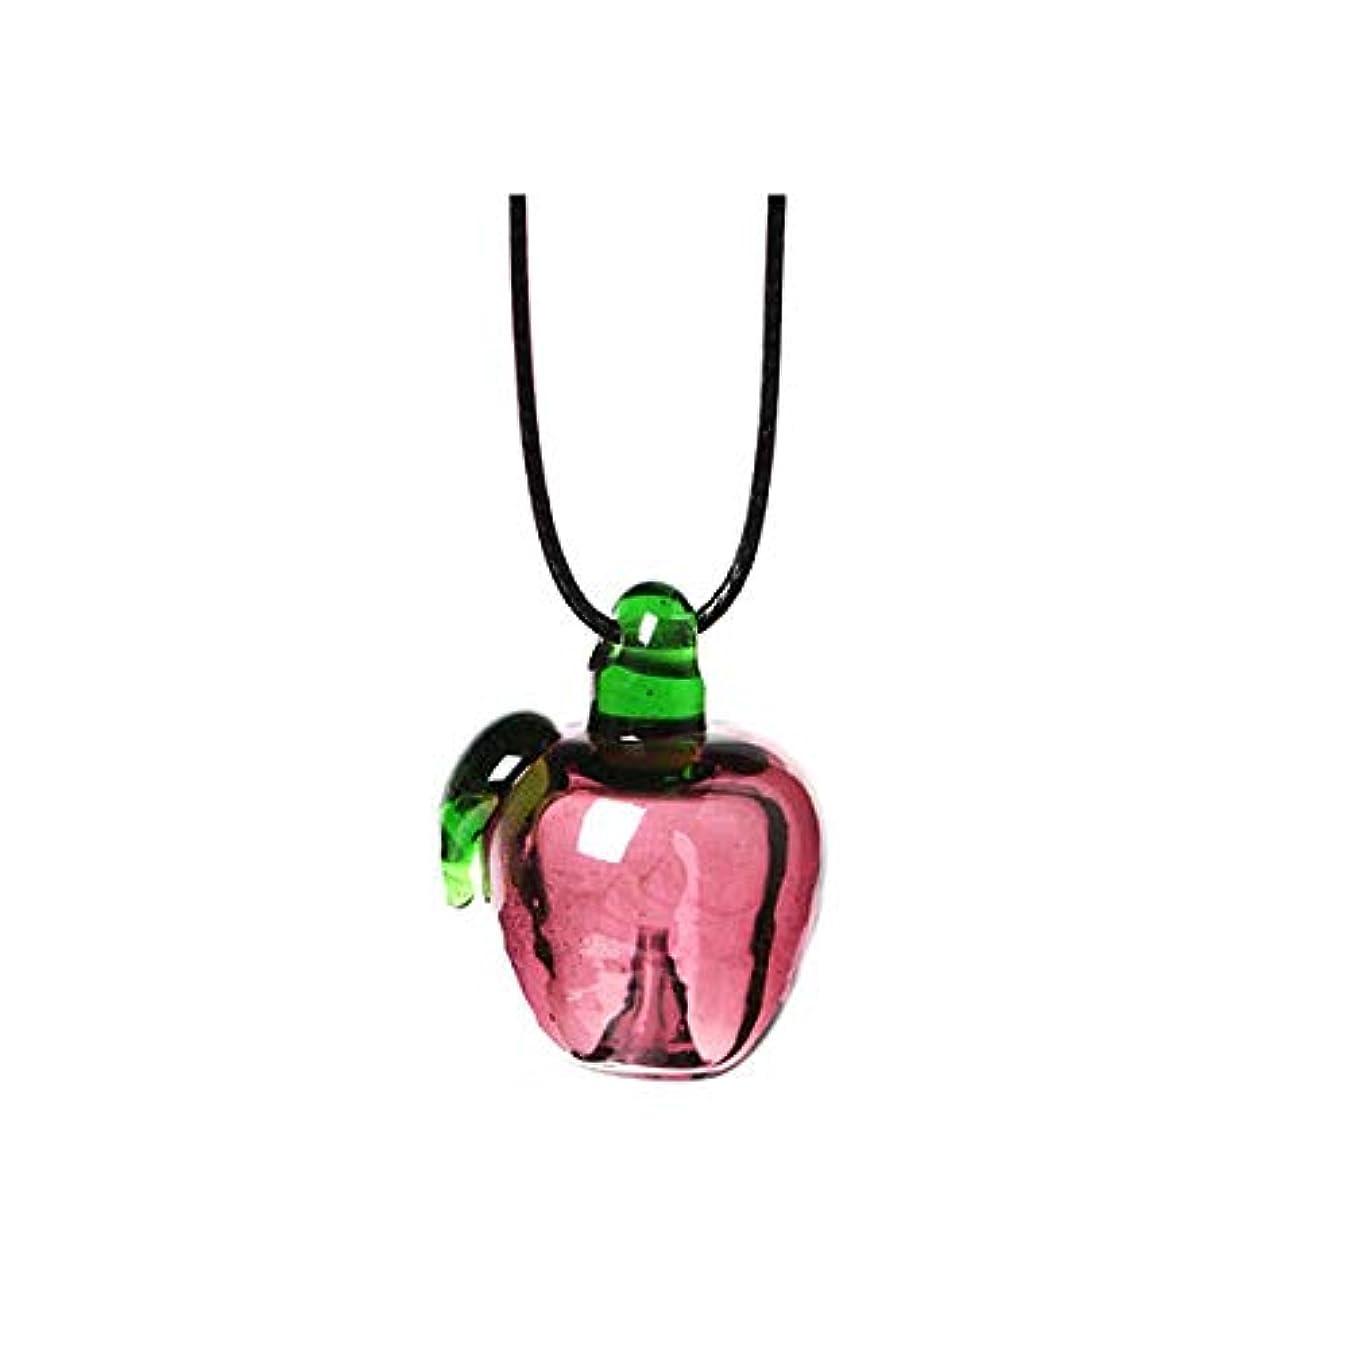 溶接どちらも牛アロマ ペンダント りんご 専用スポイト付 アロマテラピー アロマグッズ ネックレス 香水 香 かおり 種類,りんご【E】